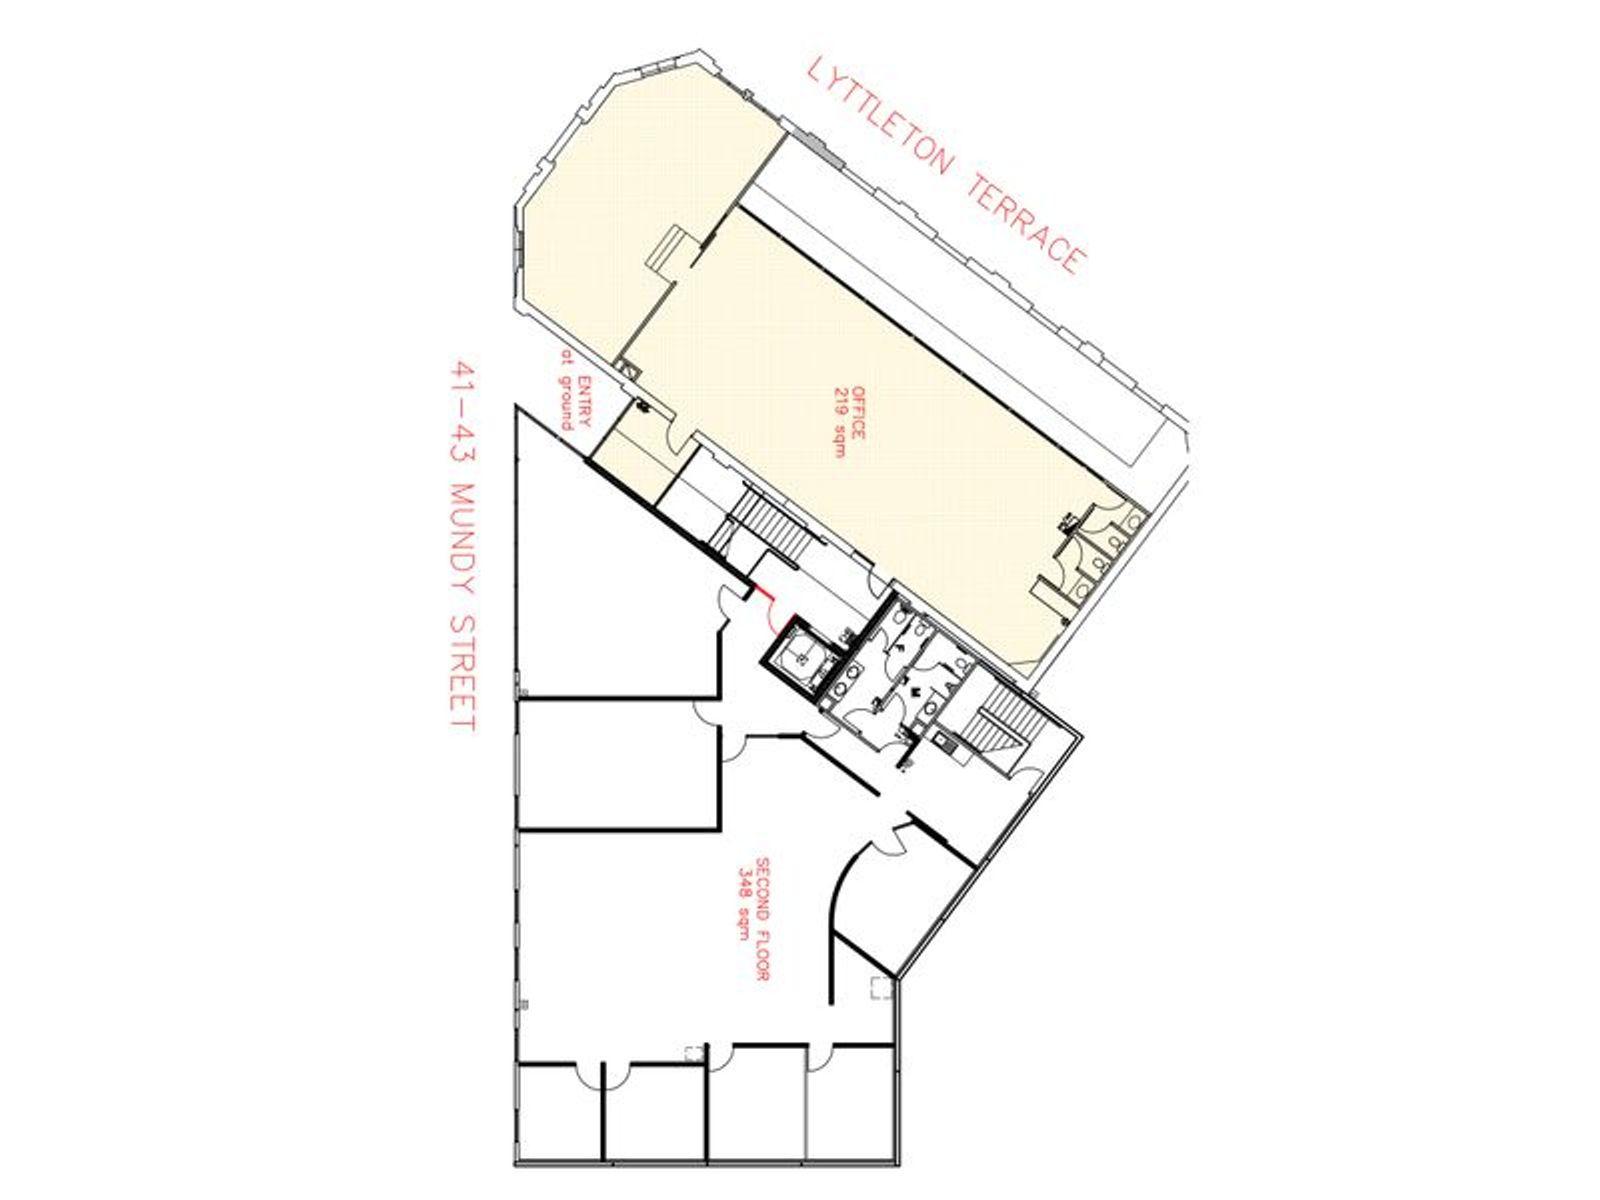 Unit 2/41-43 Mundy Street, Bendigo, VIC 3550